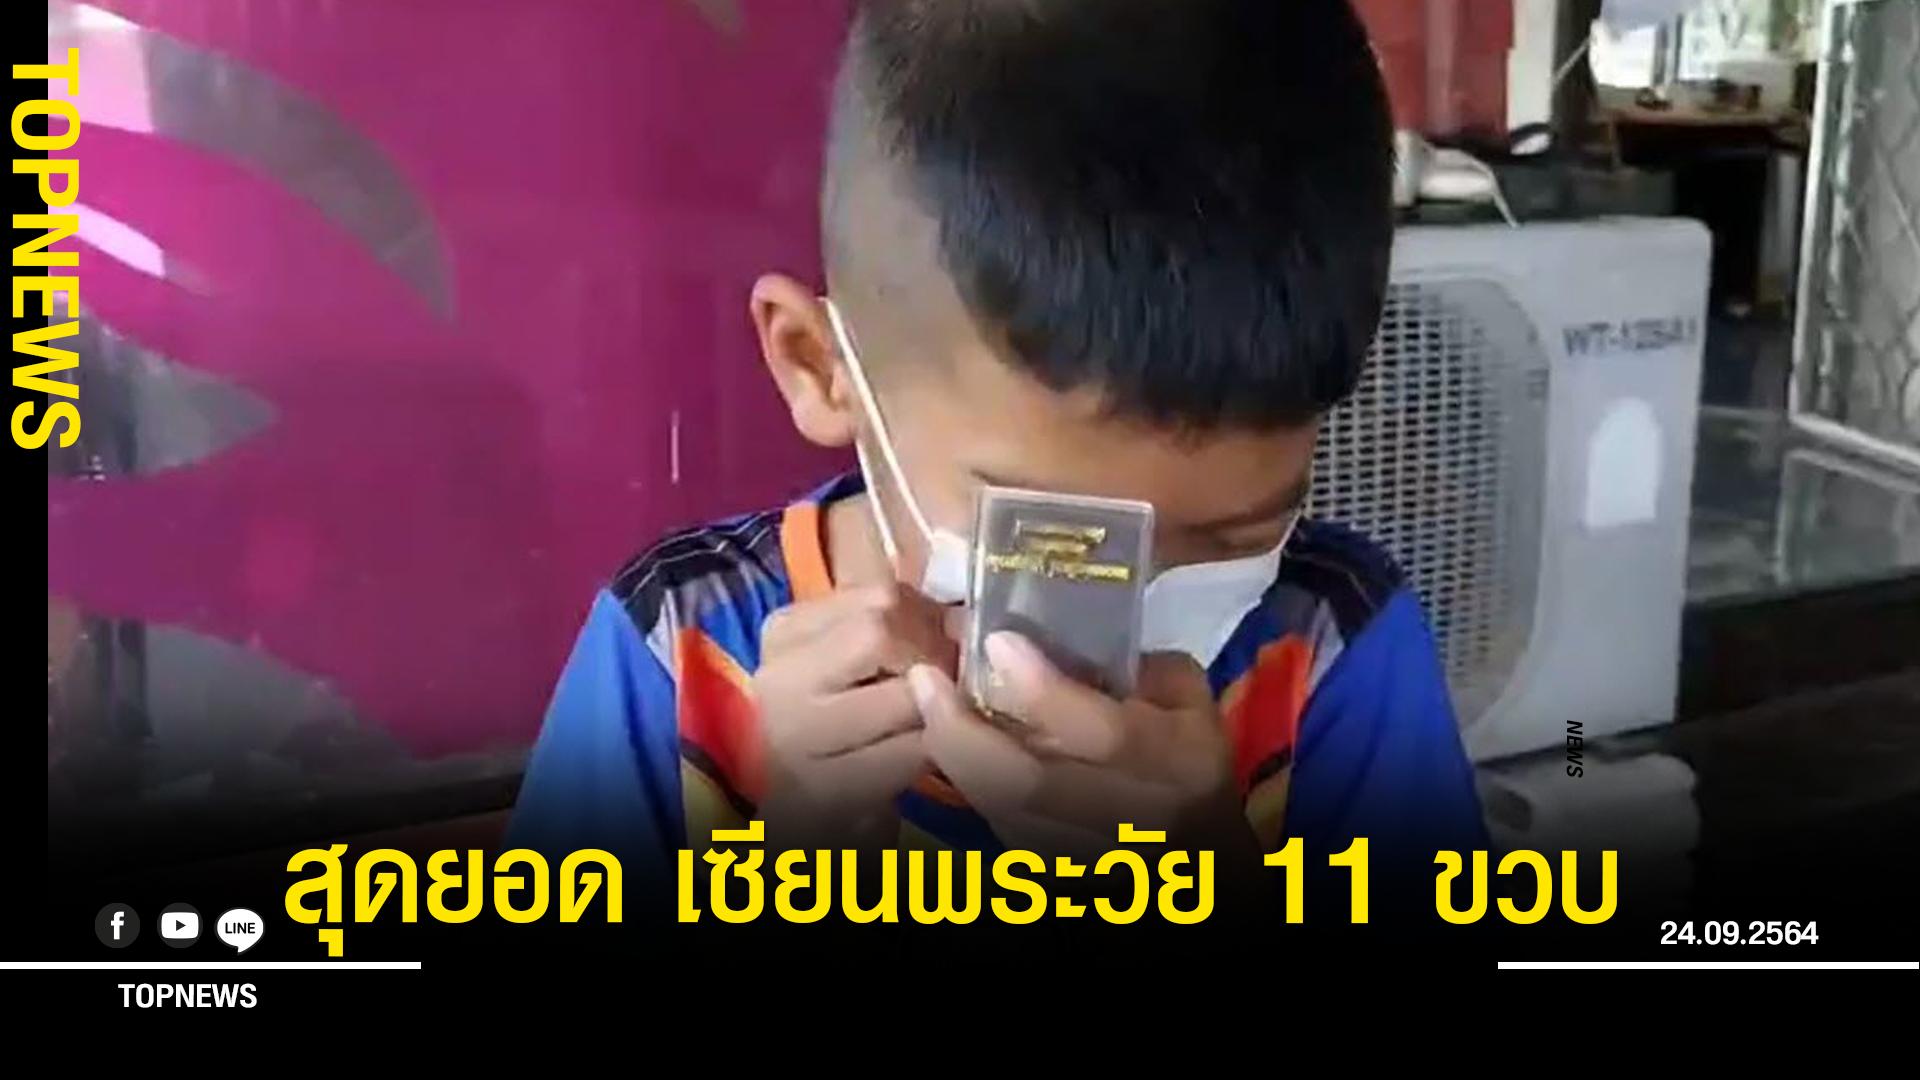 เซียนพระวัย 11 ขวบ หาเงินจุนเจือครอบครัว